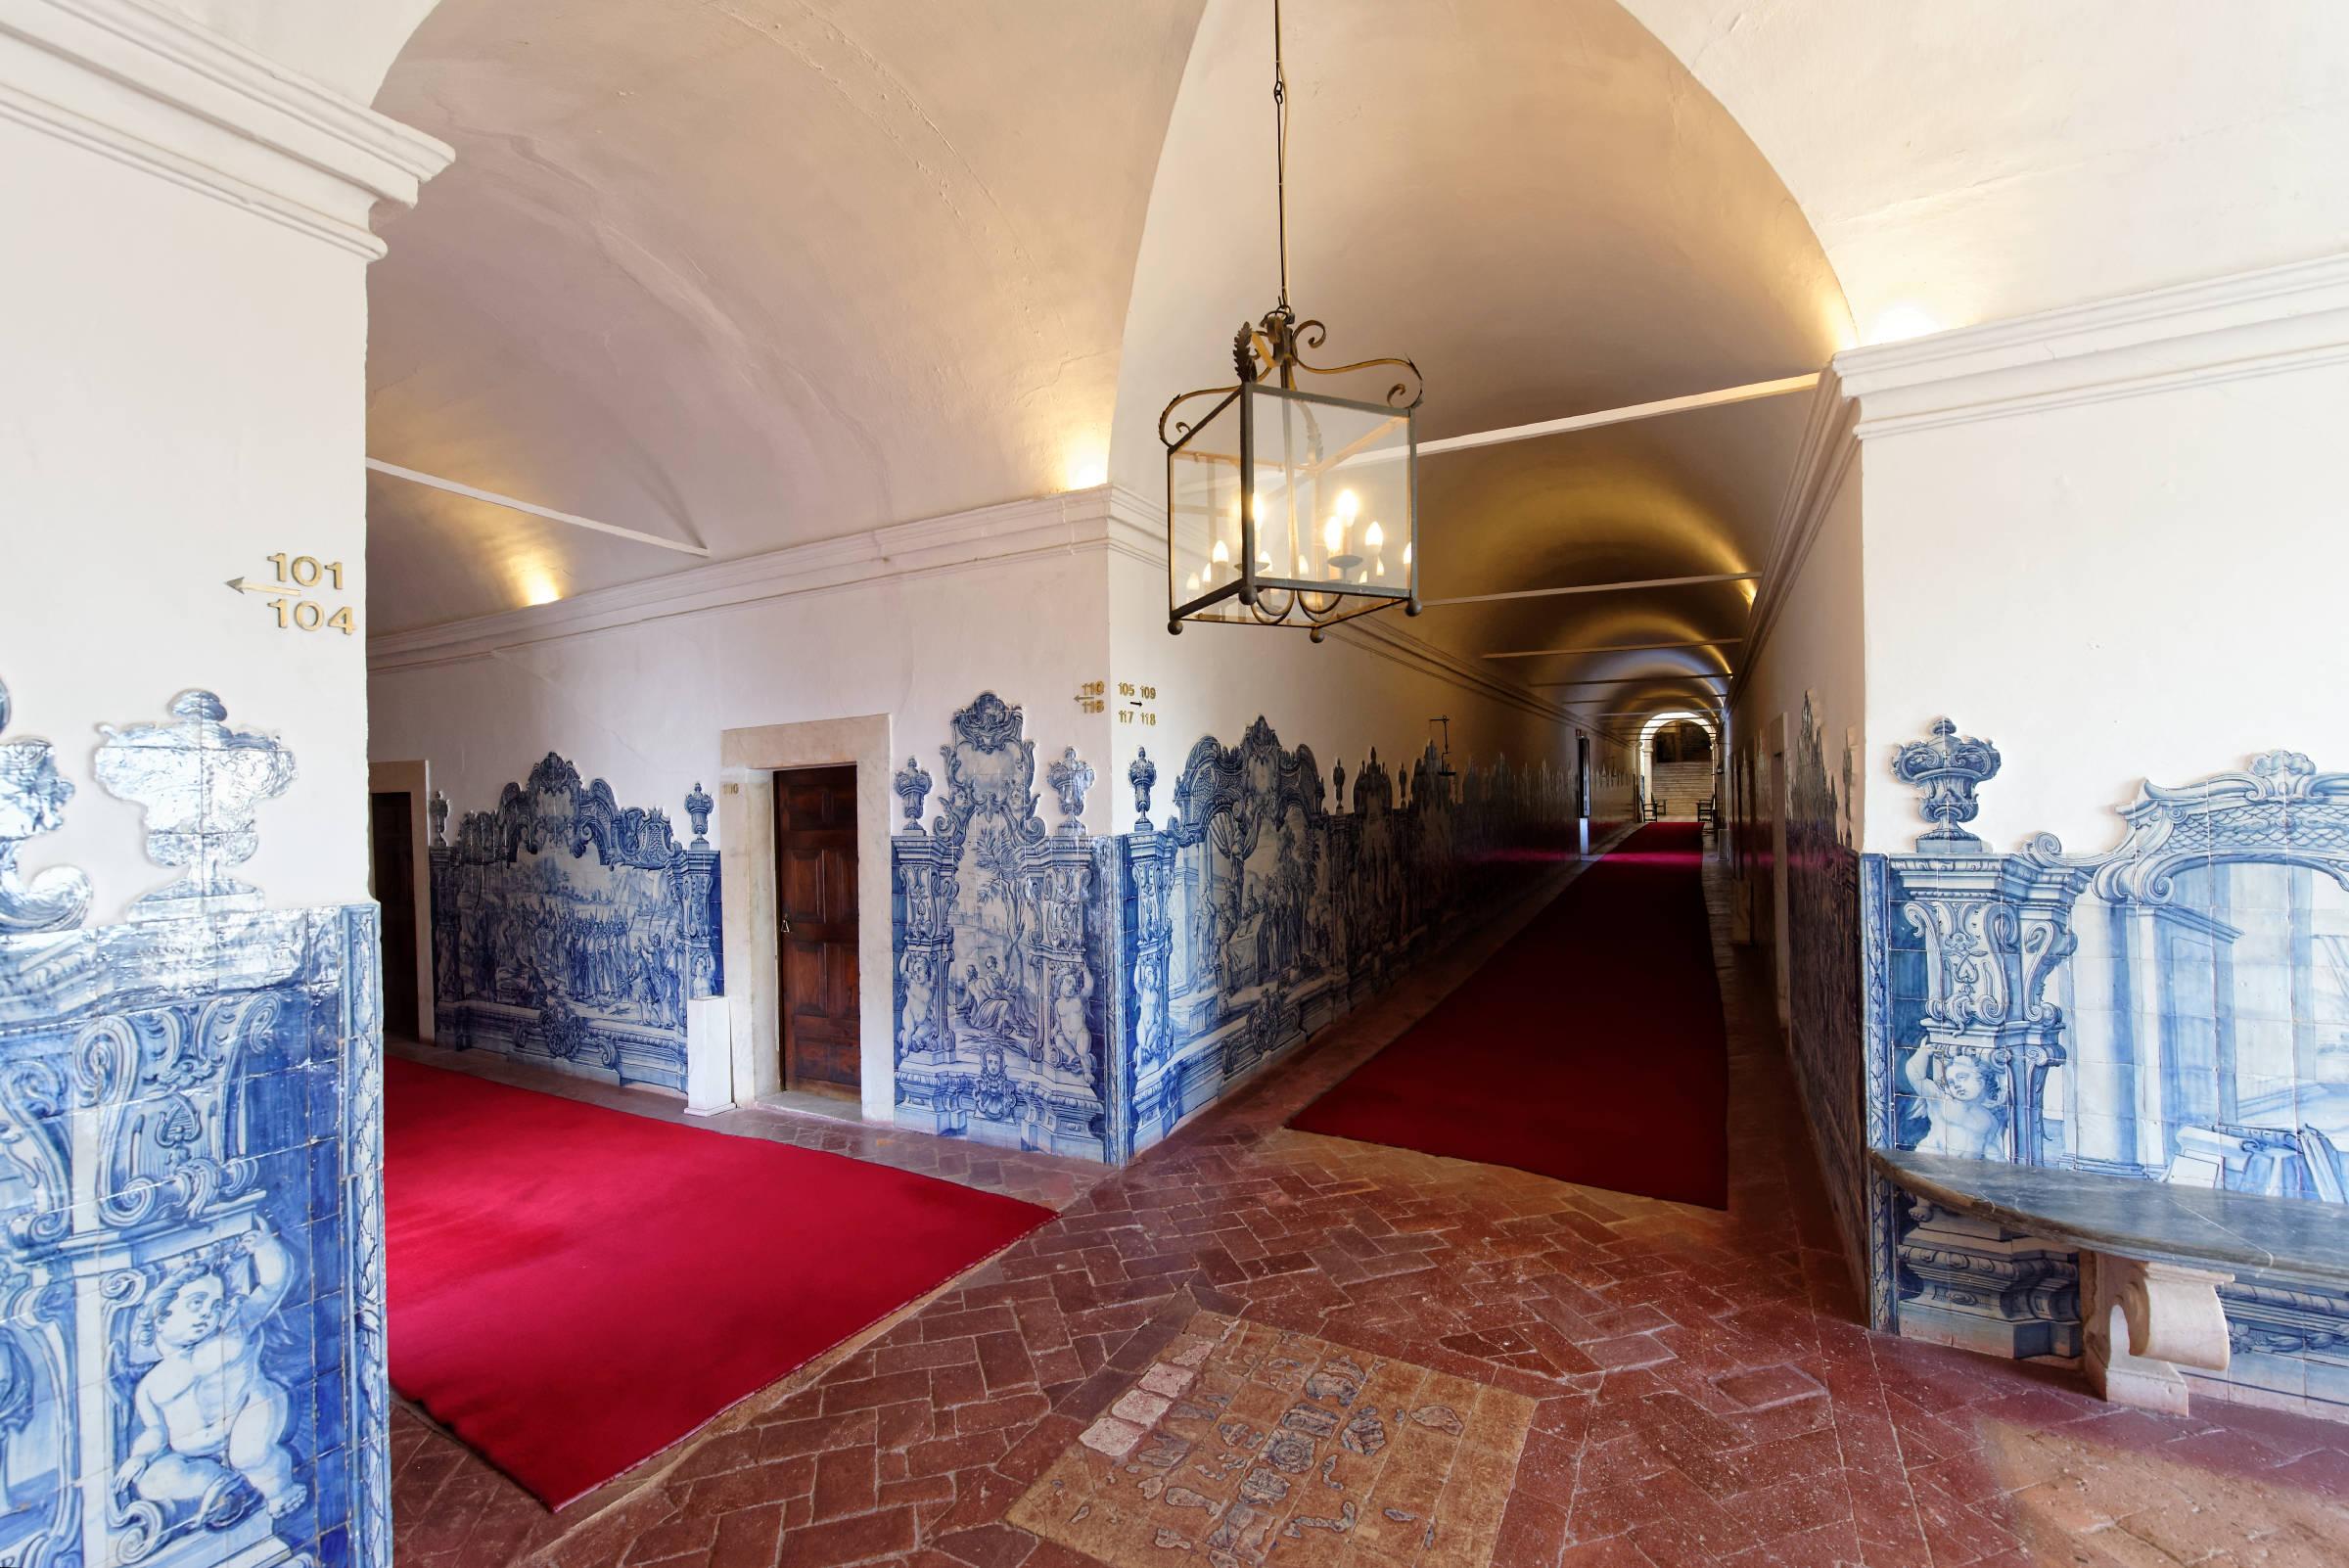 160407-Convento de sao paulo (Alentero Portugal) (126)